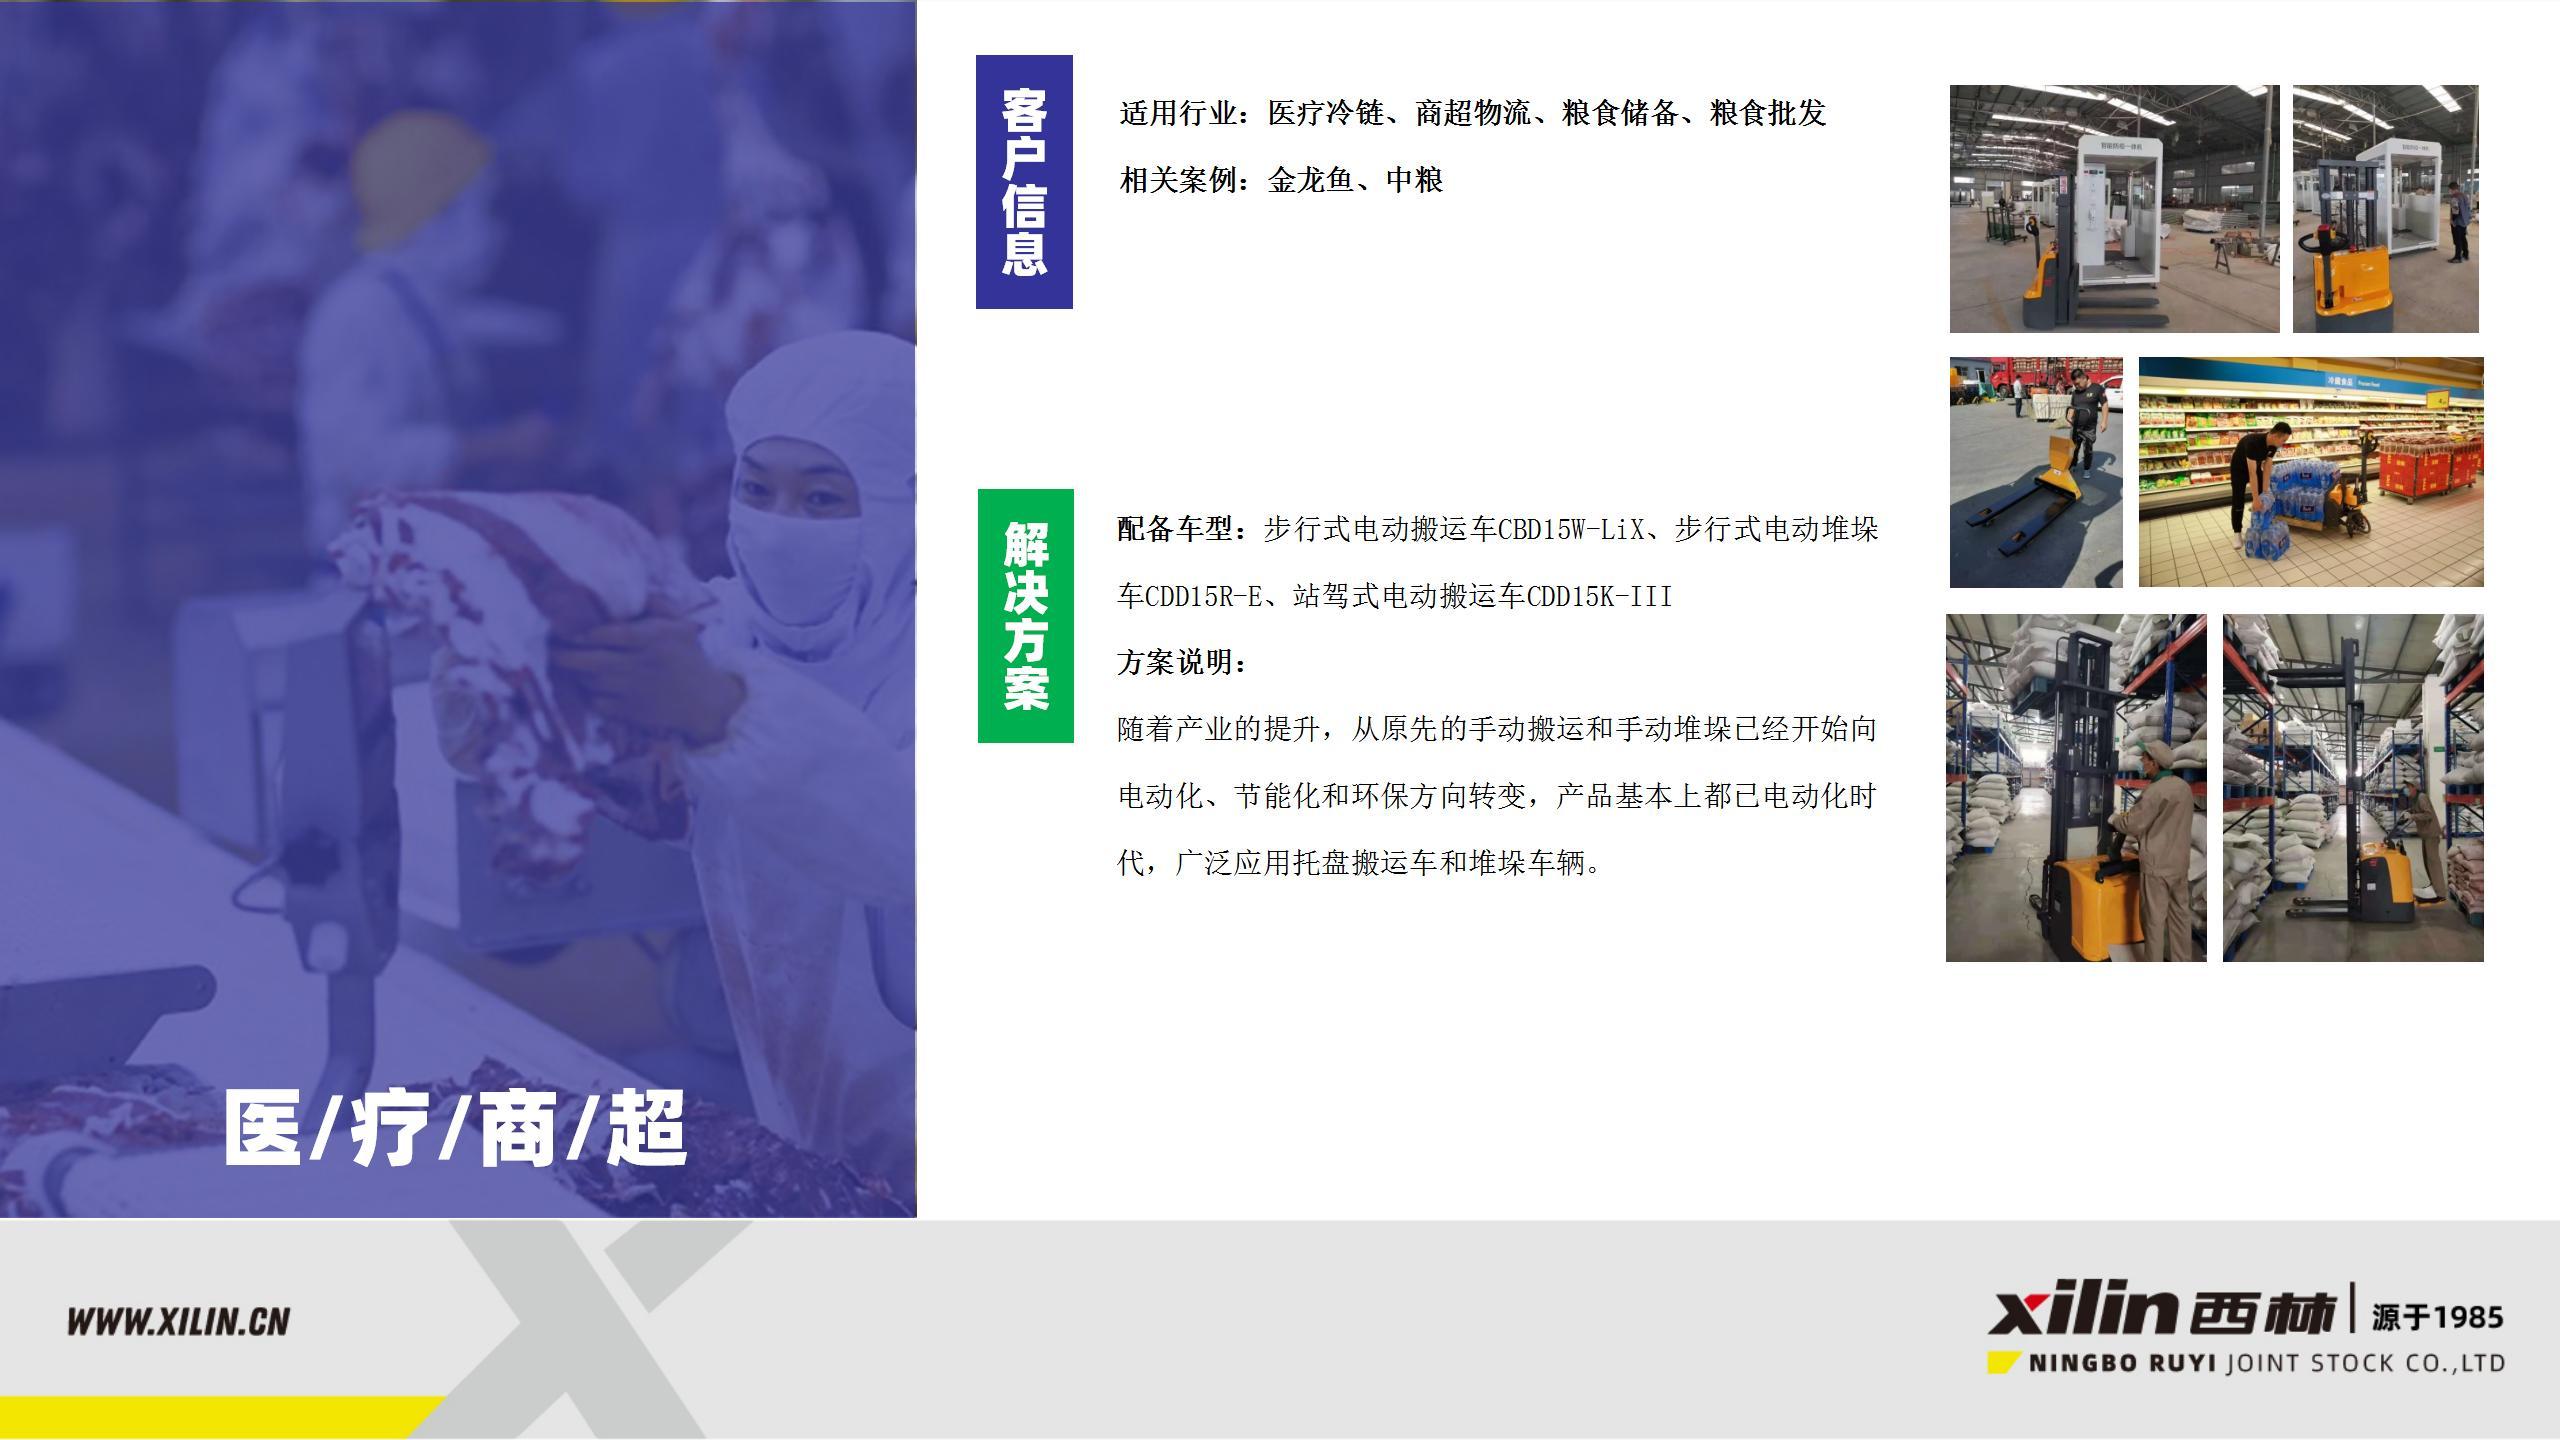 【西林bet9网站app】一站式仓储物流解决方案 lk 2021-8-25_23.jpg